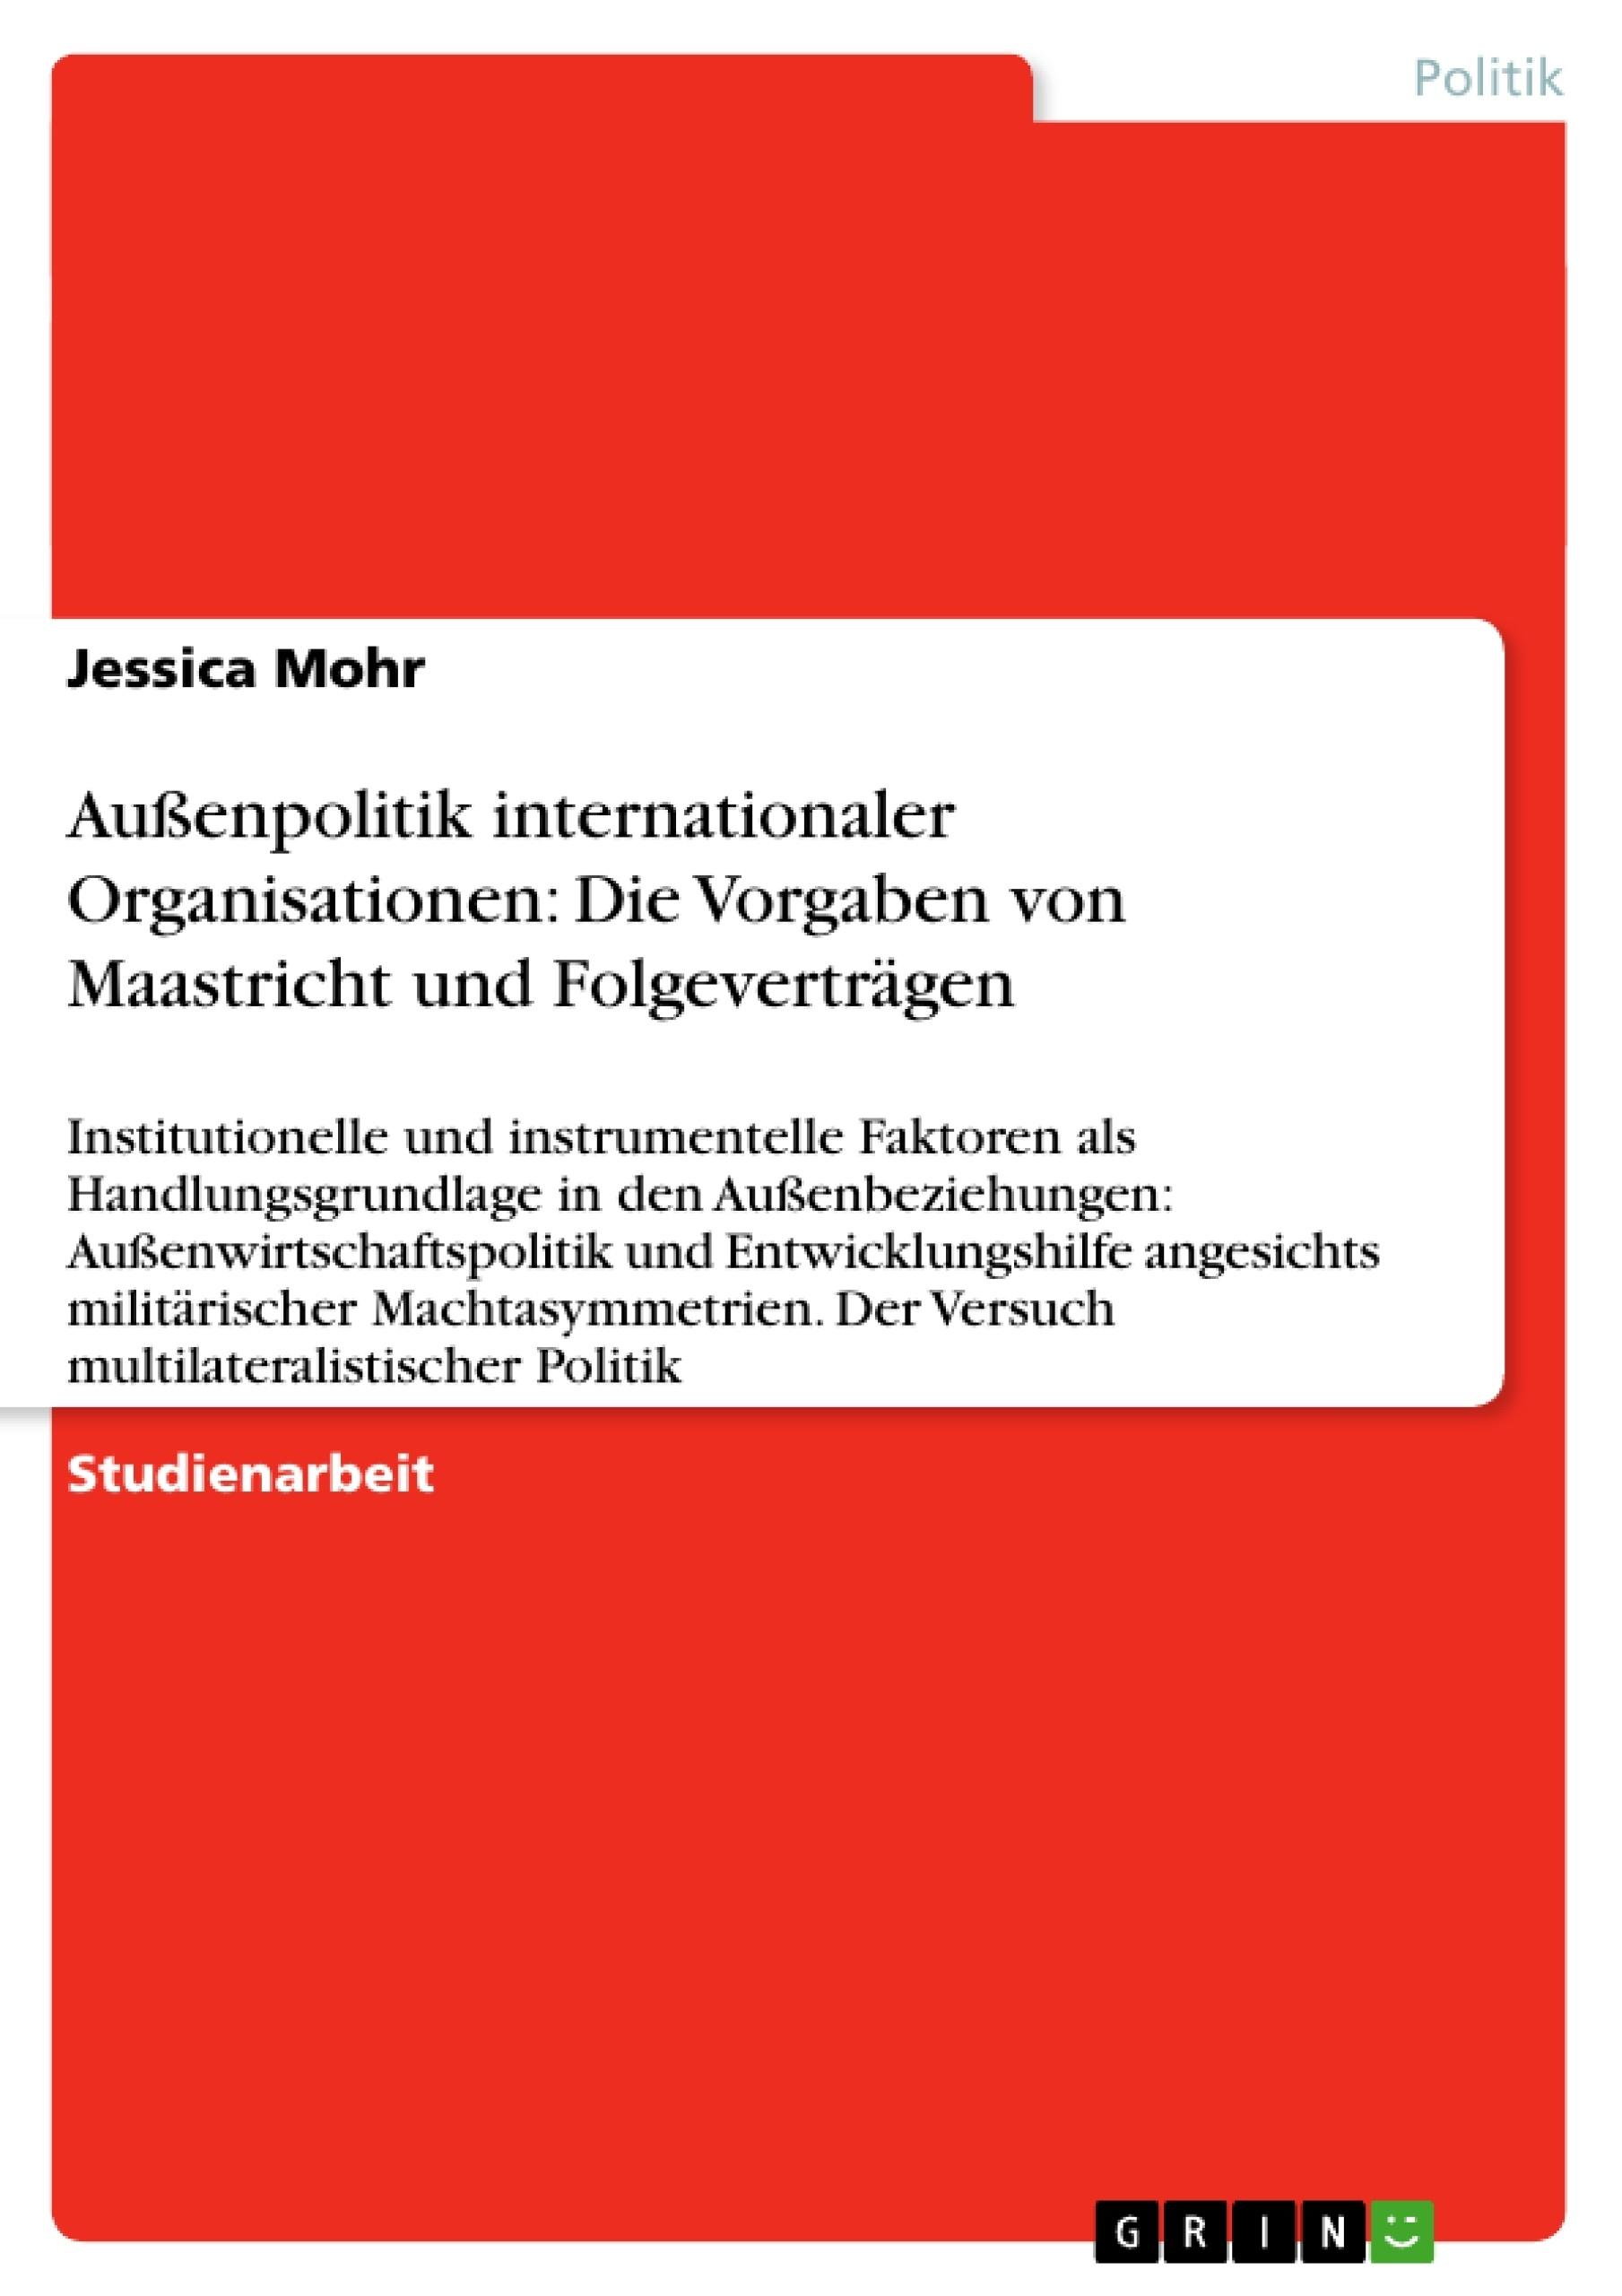 Titel: Außenpolitik internationaler Organisationen: Die Vorgaben von Maastricht und Folgeverträgen